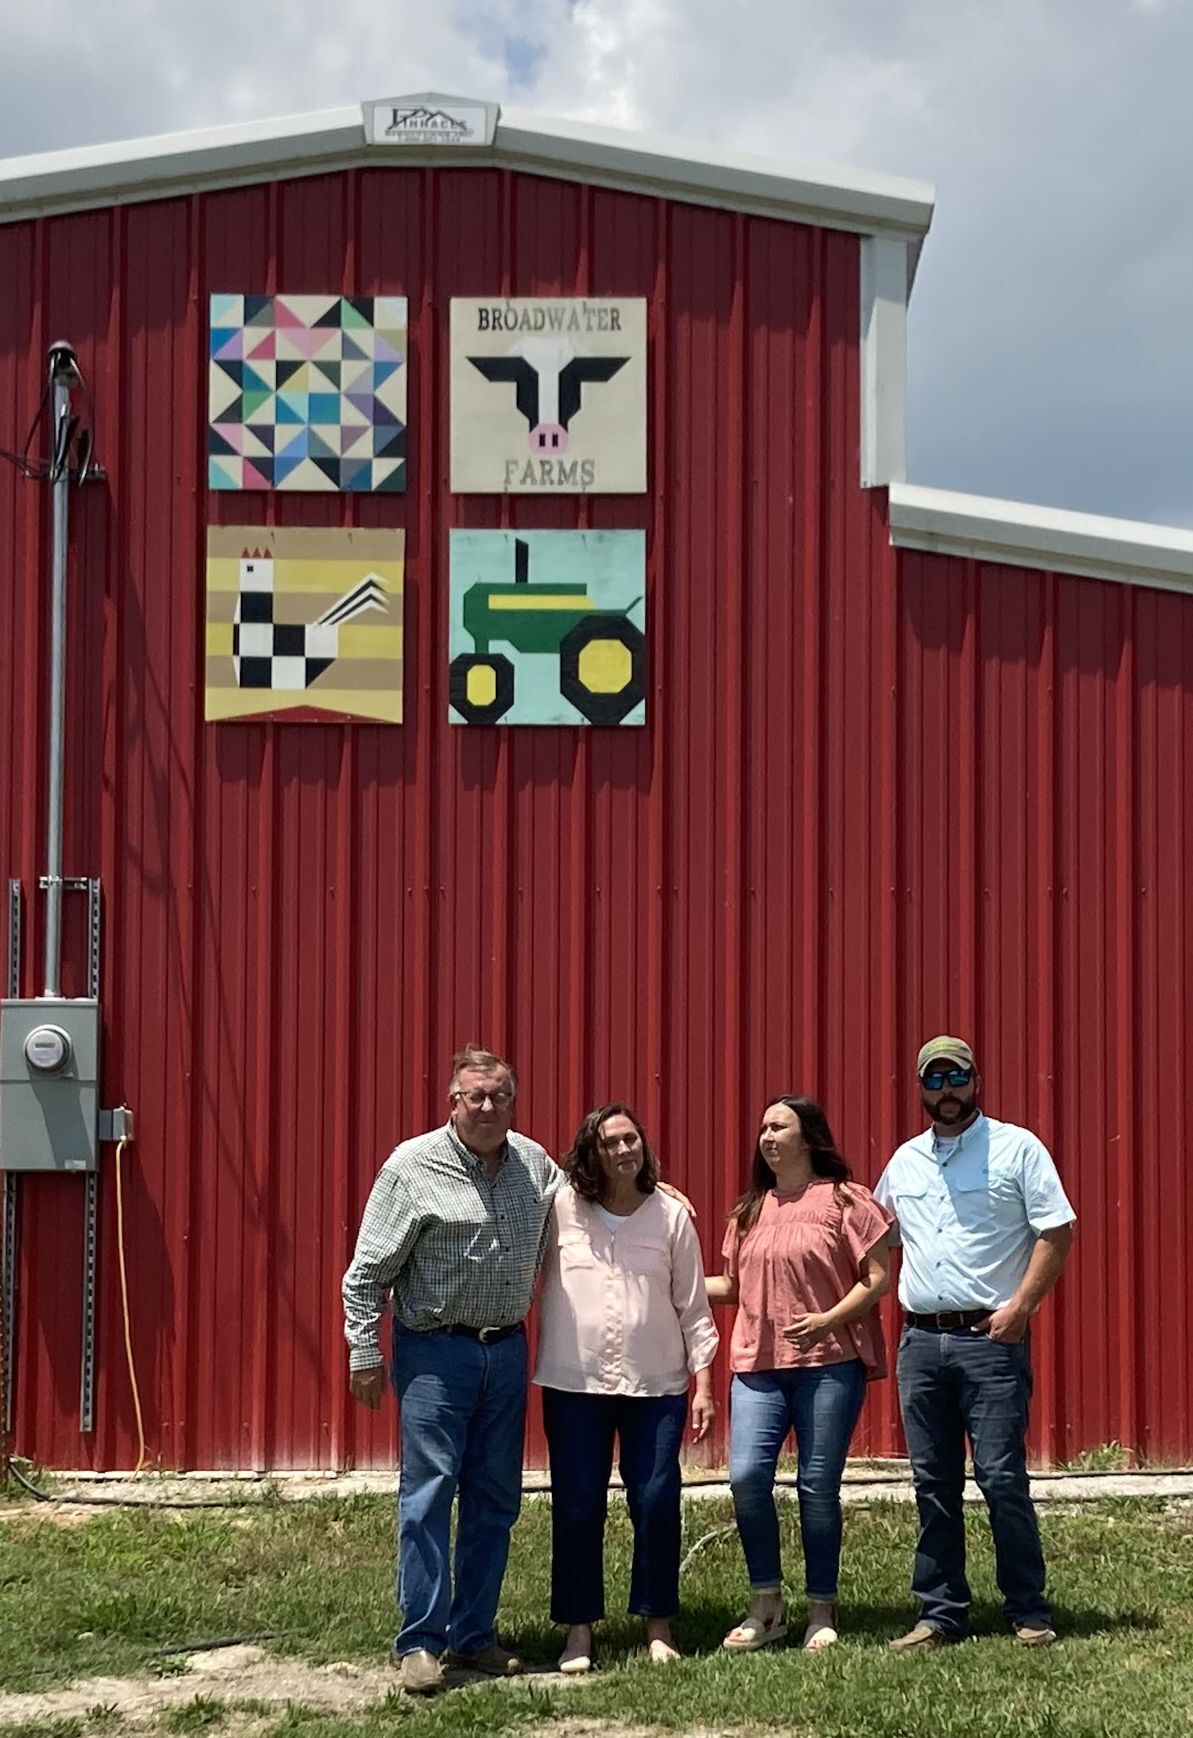 Farm Family Barn Photo